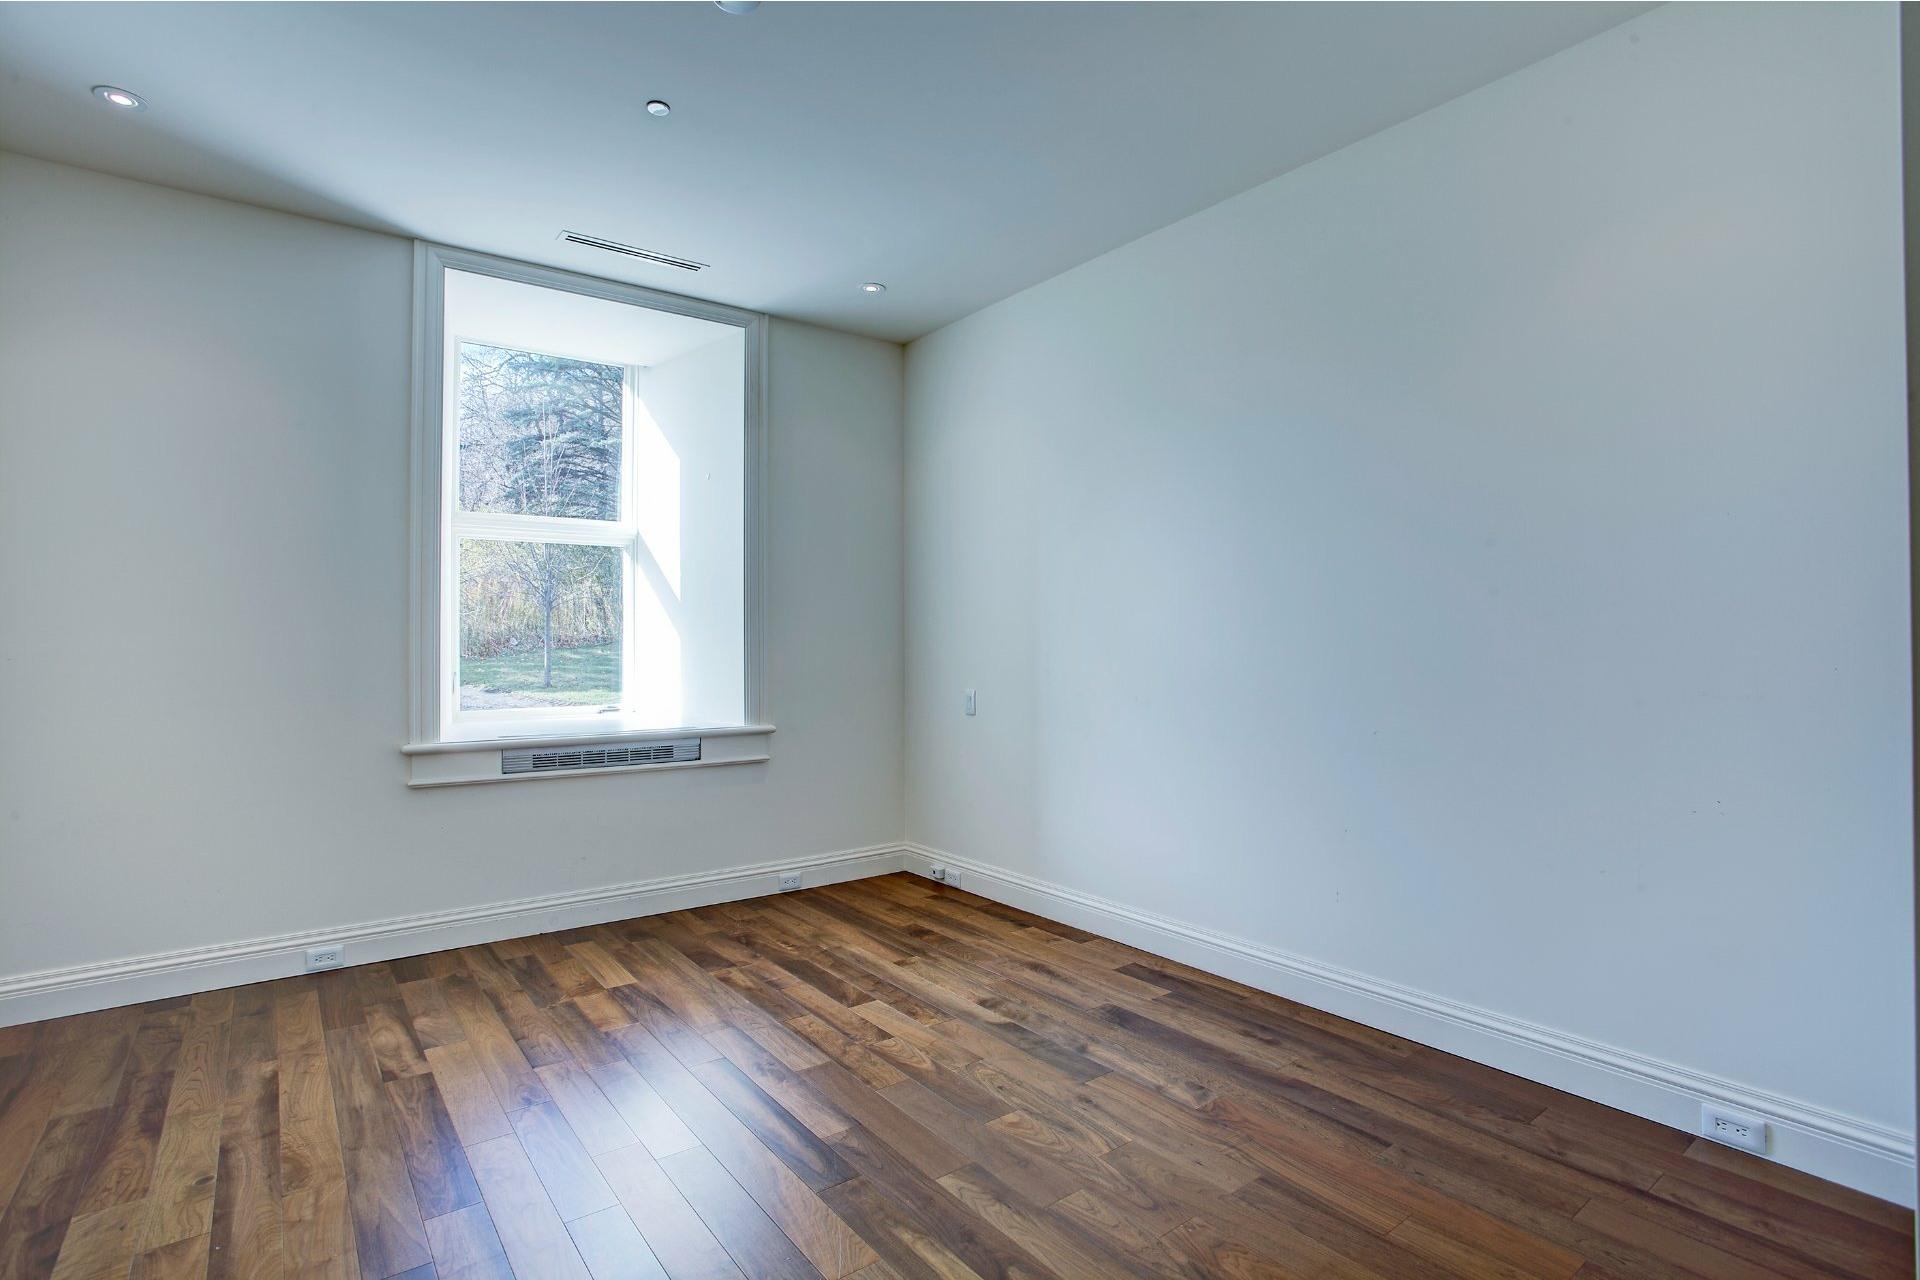 image 17 - Appartement À vendre Ville-Marie Montréal  - 4 pièces